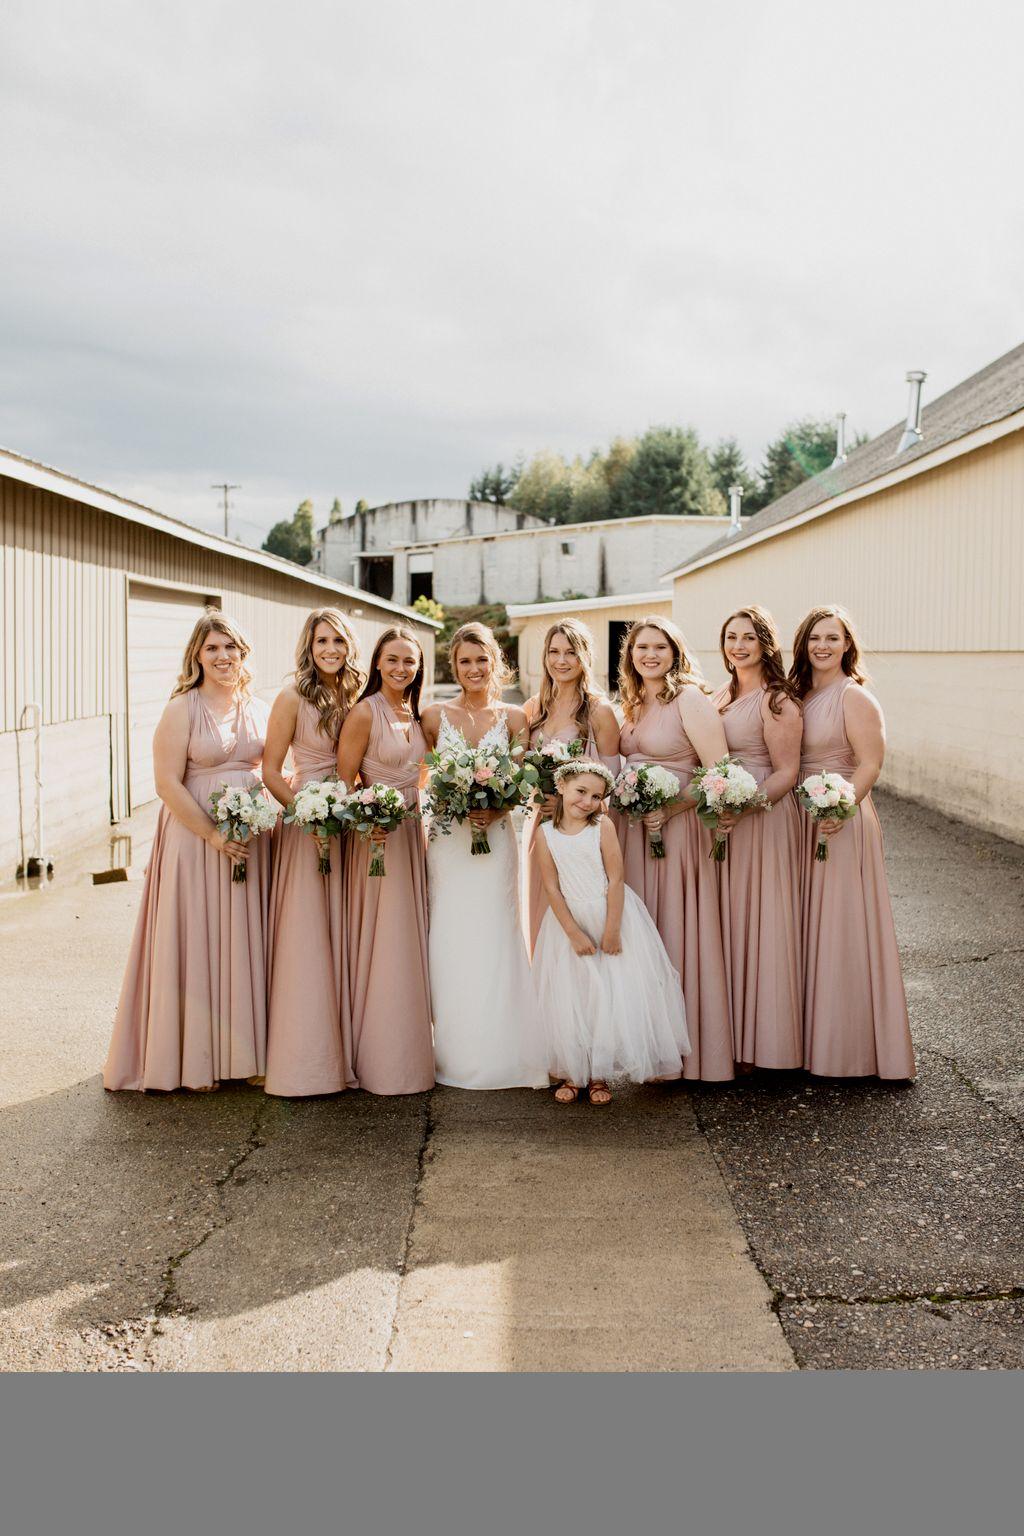 Weddings 150-300 Guests